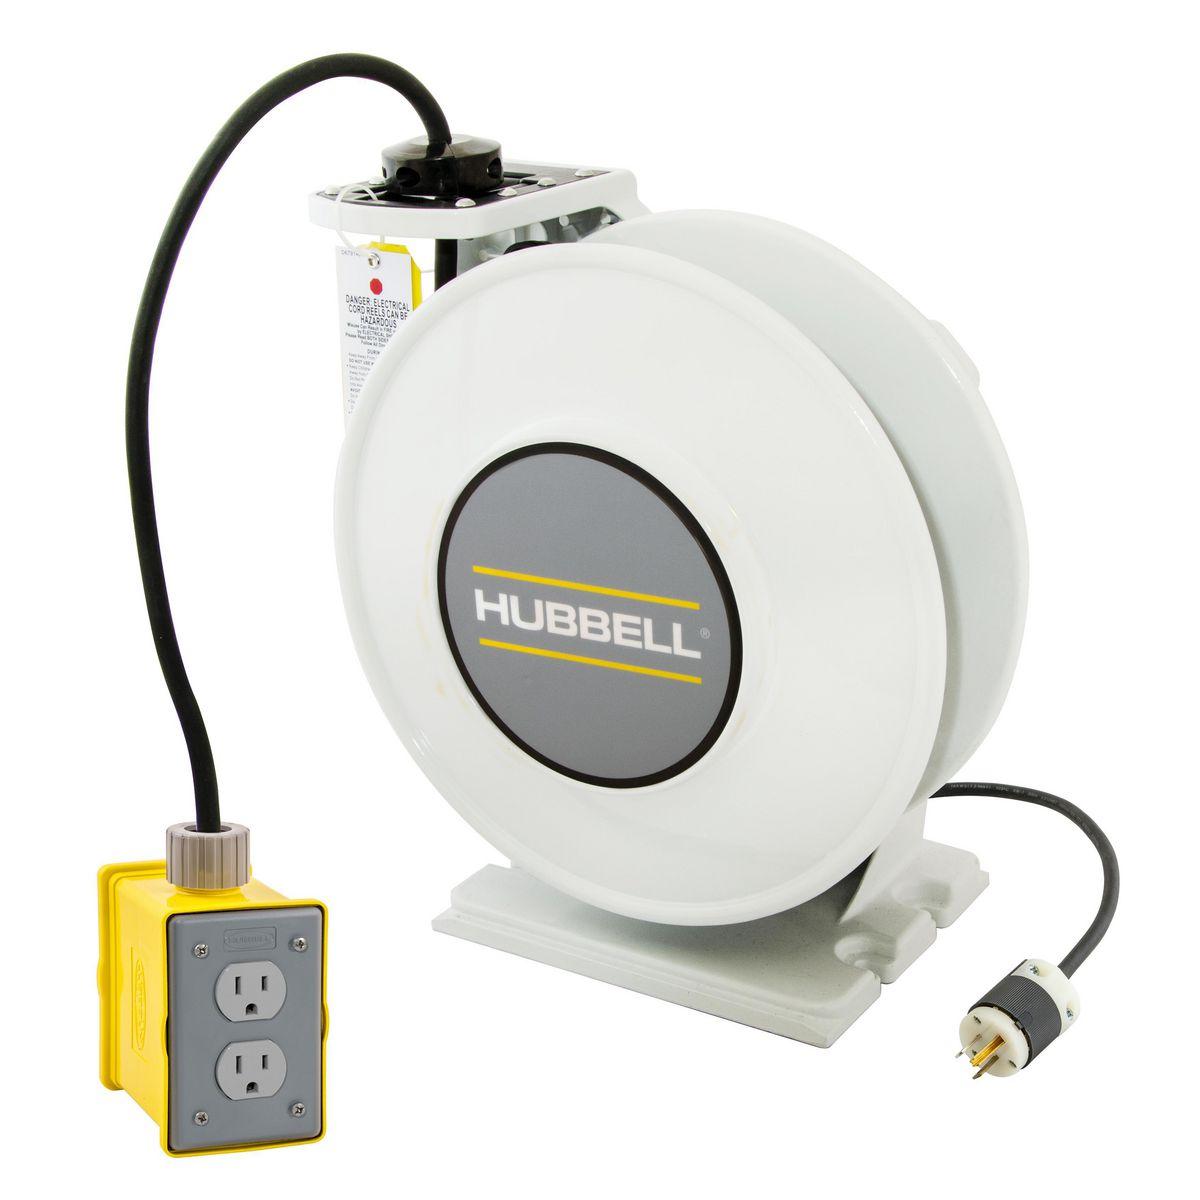 Hubbell HBLI45123R220